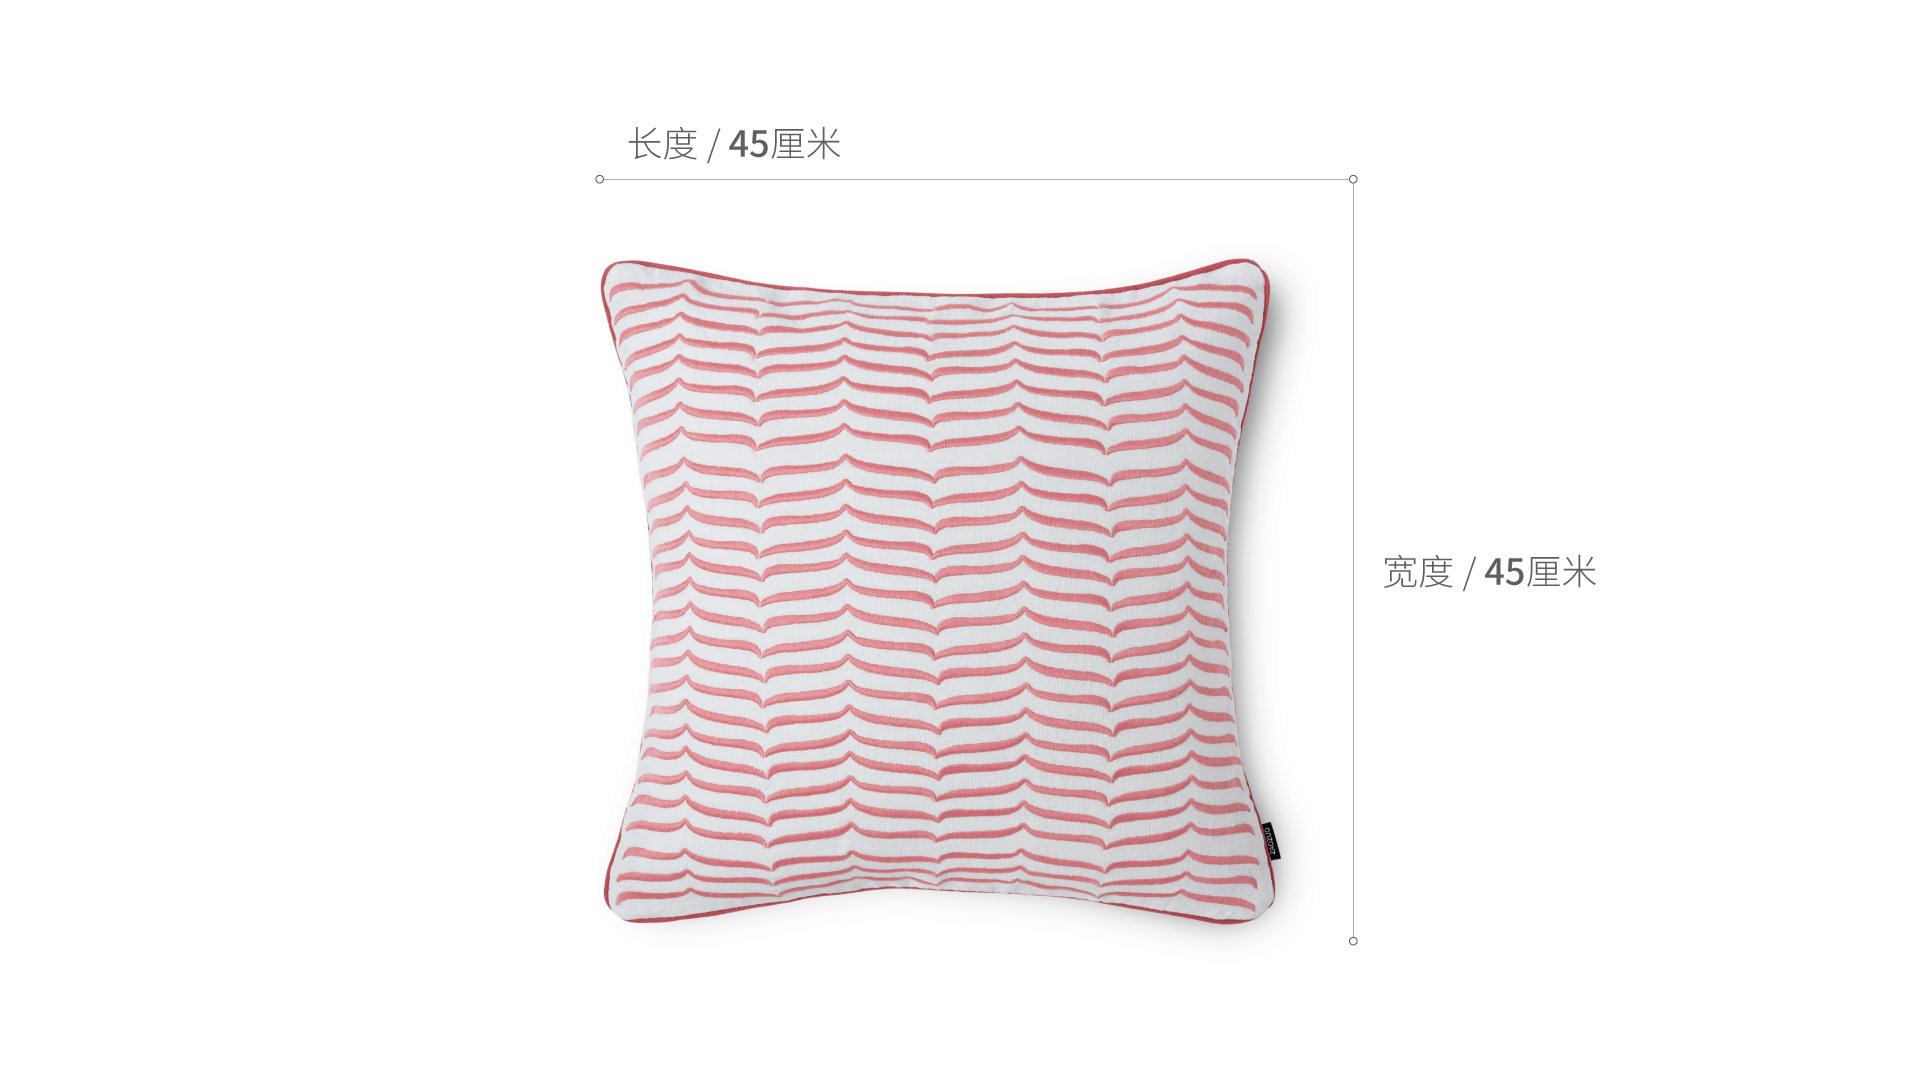 细语苎麻刺绣抱枕-春分细语苎麻刺绣抱枕 | 春分家纺效果图